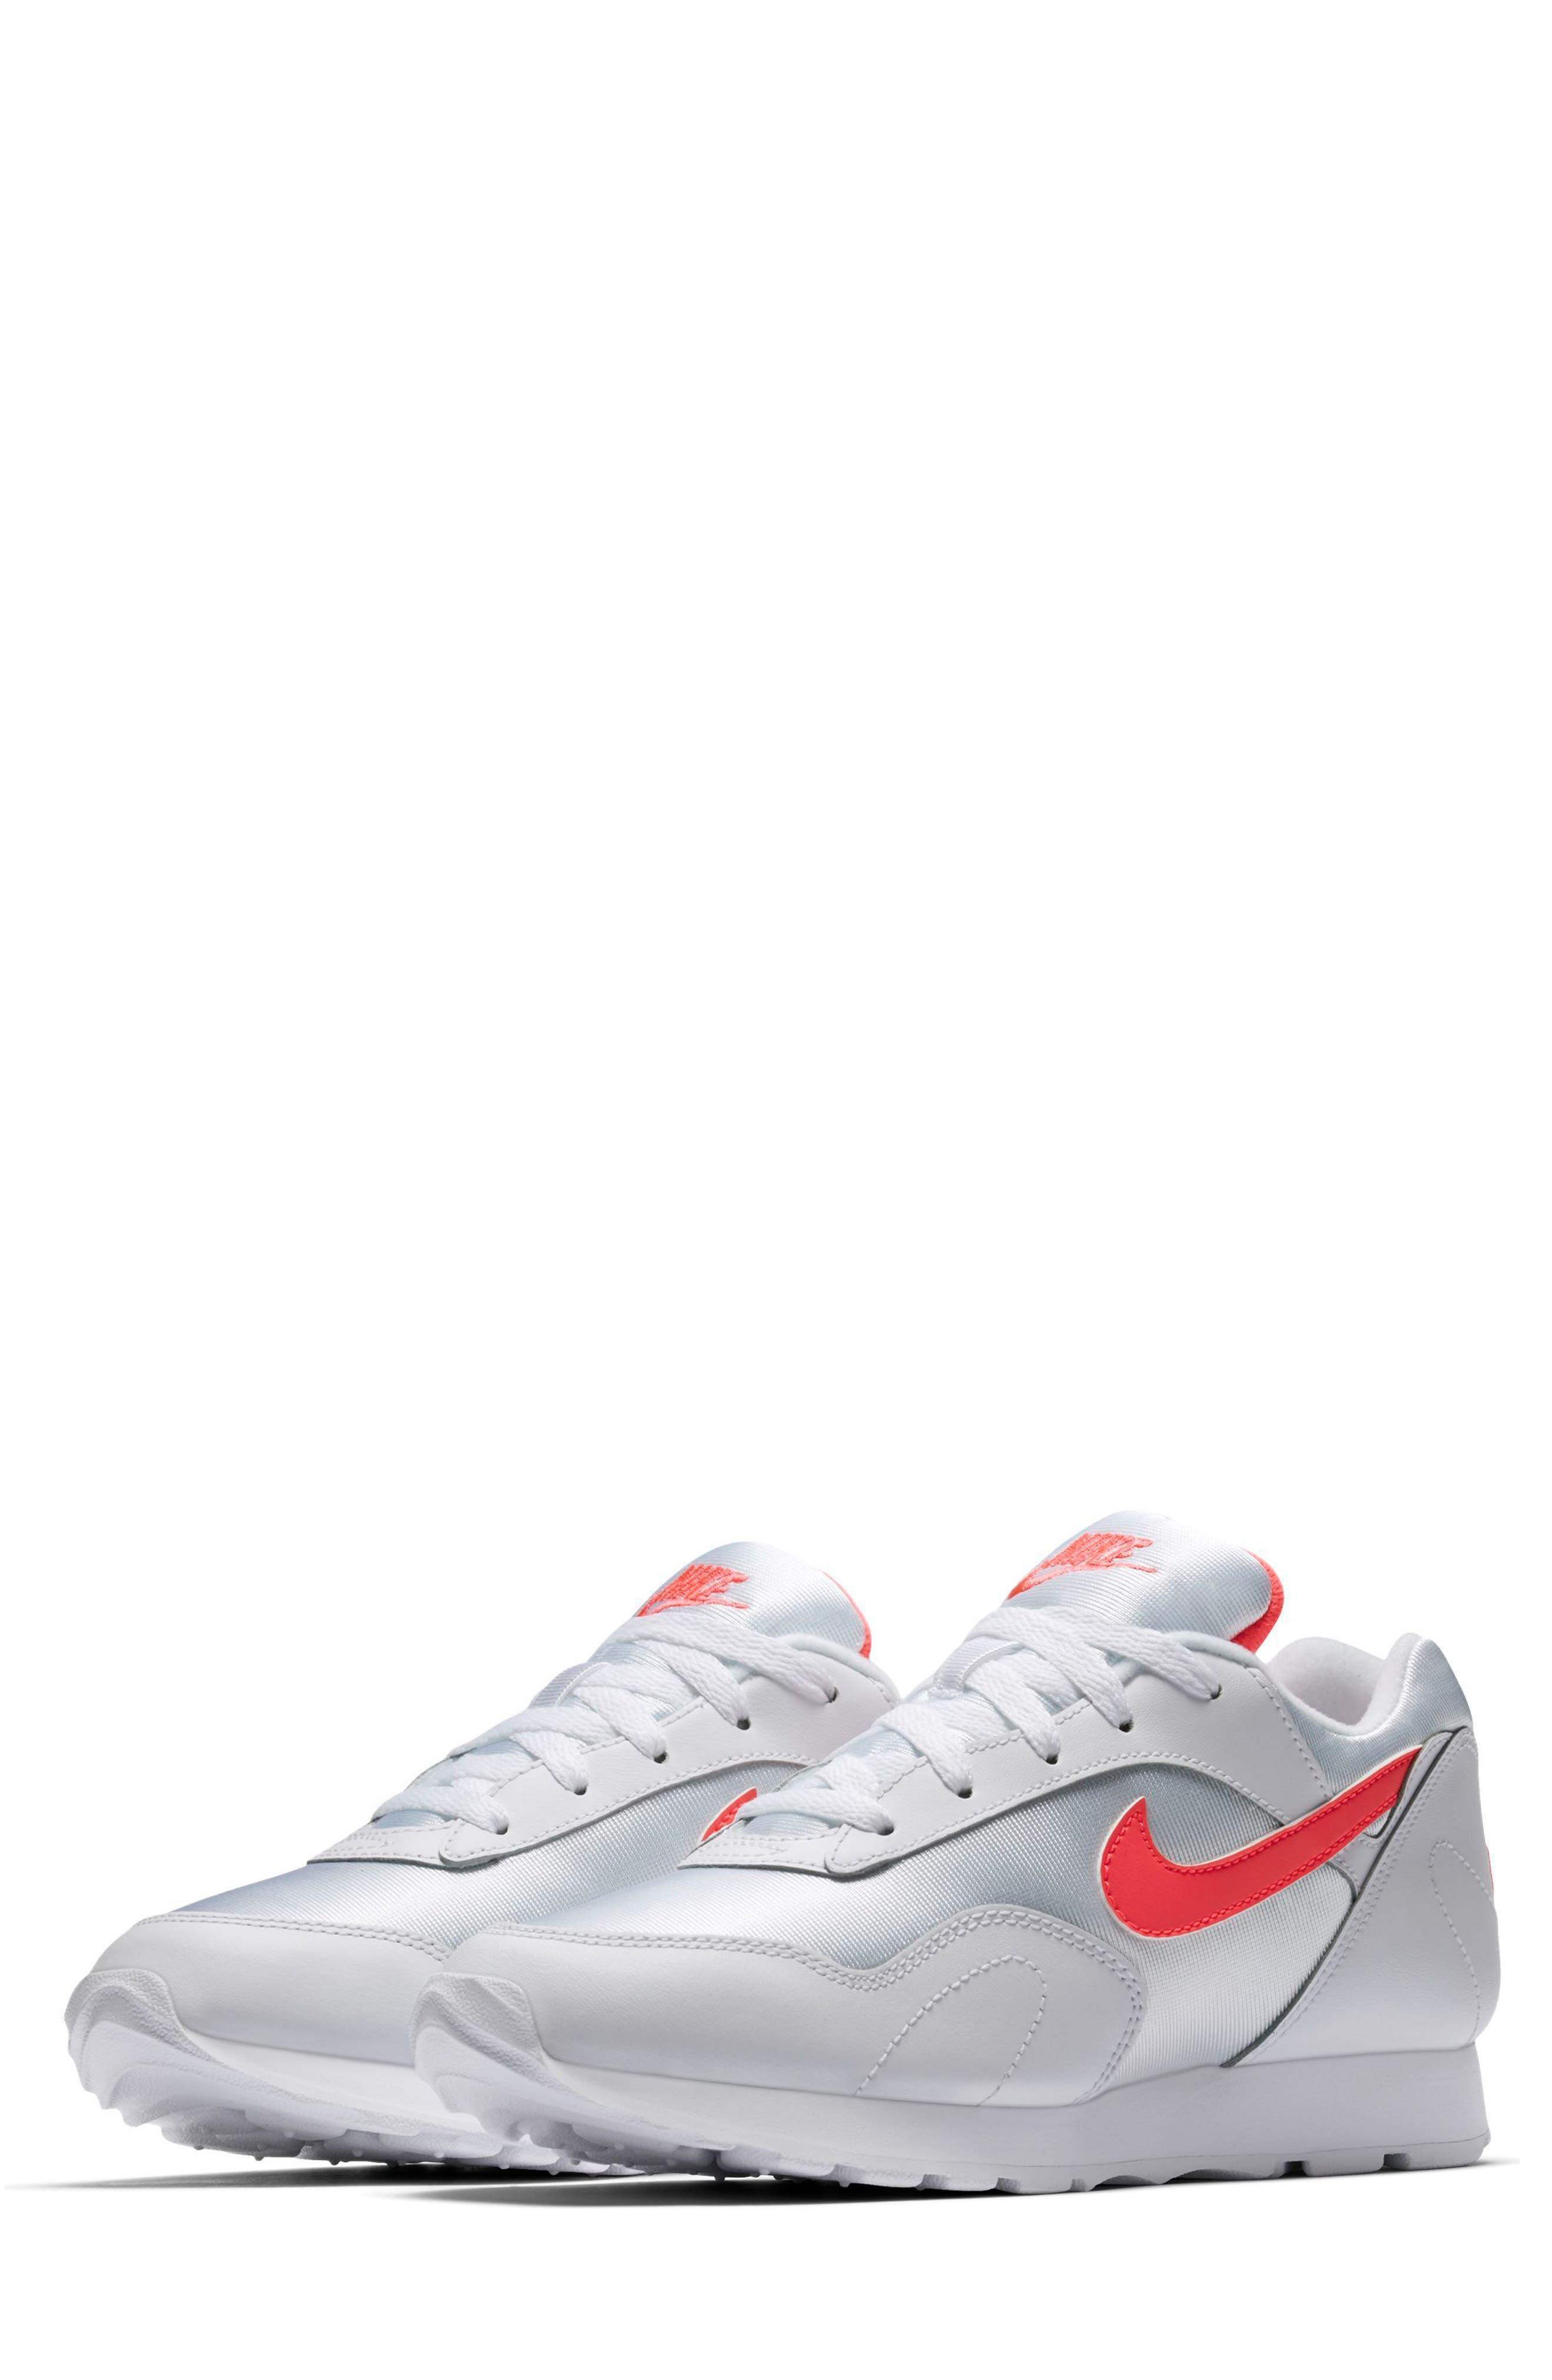 Outburst OG Sneaker,                         Main,                         color, White/ Solar Red